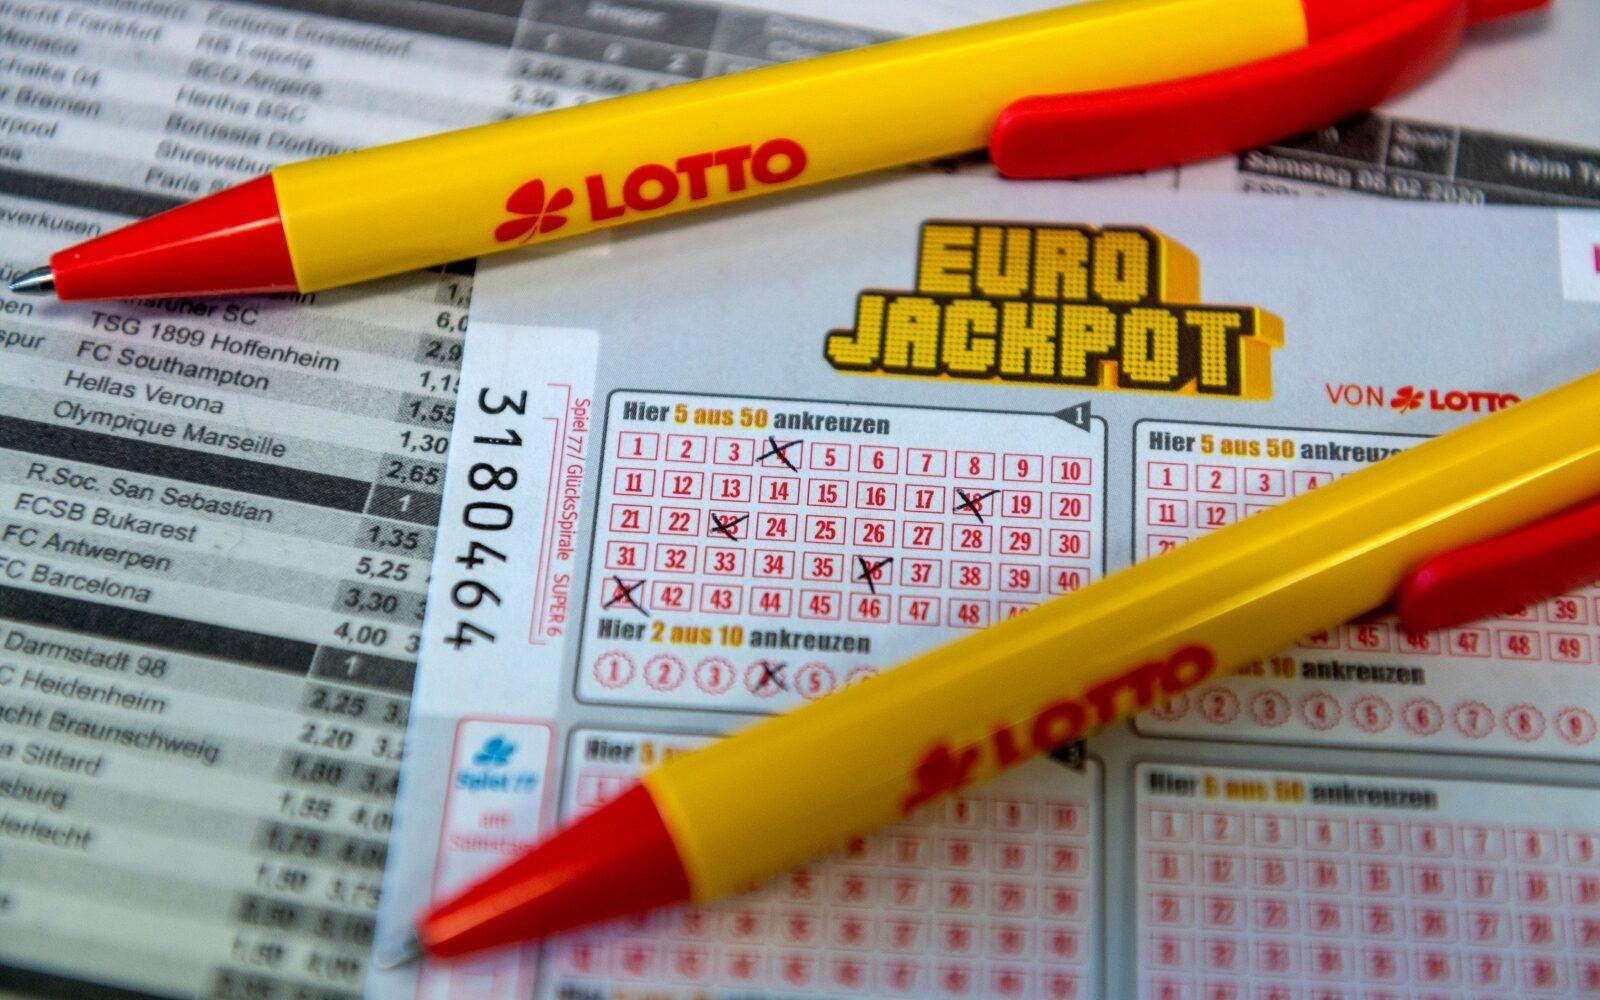 Izvlačenje Eurojackpot